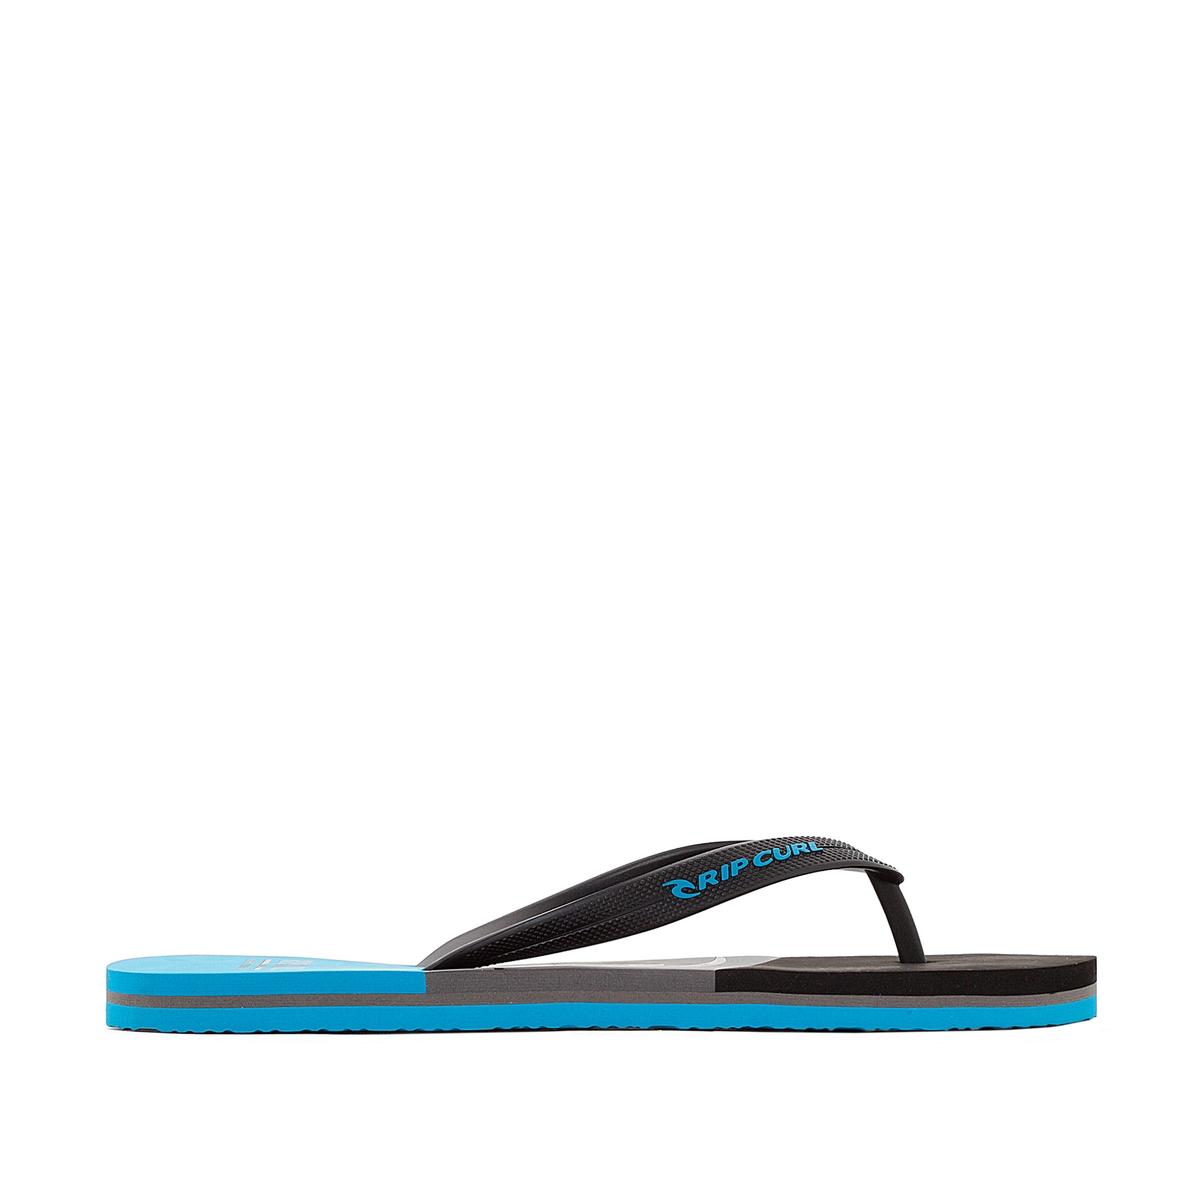 Вьетнамки Slide OutВерх : синтетика   Стелька : синтетика   Подошва : каучук   Форма каблука : плоский каблук   Мысок : открытый мысок   Застежка : без застежки<br><br>Цвет: черный/ синий